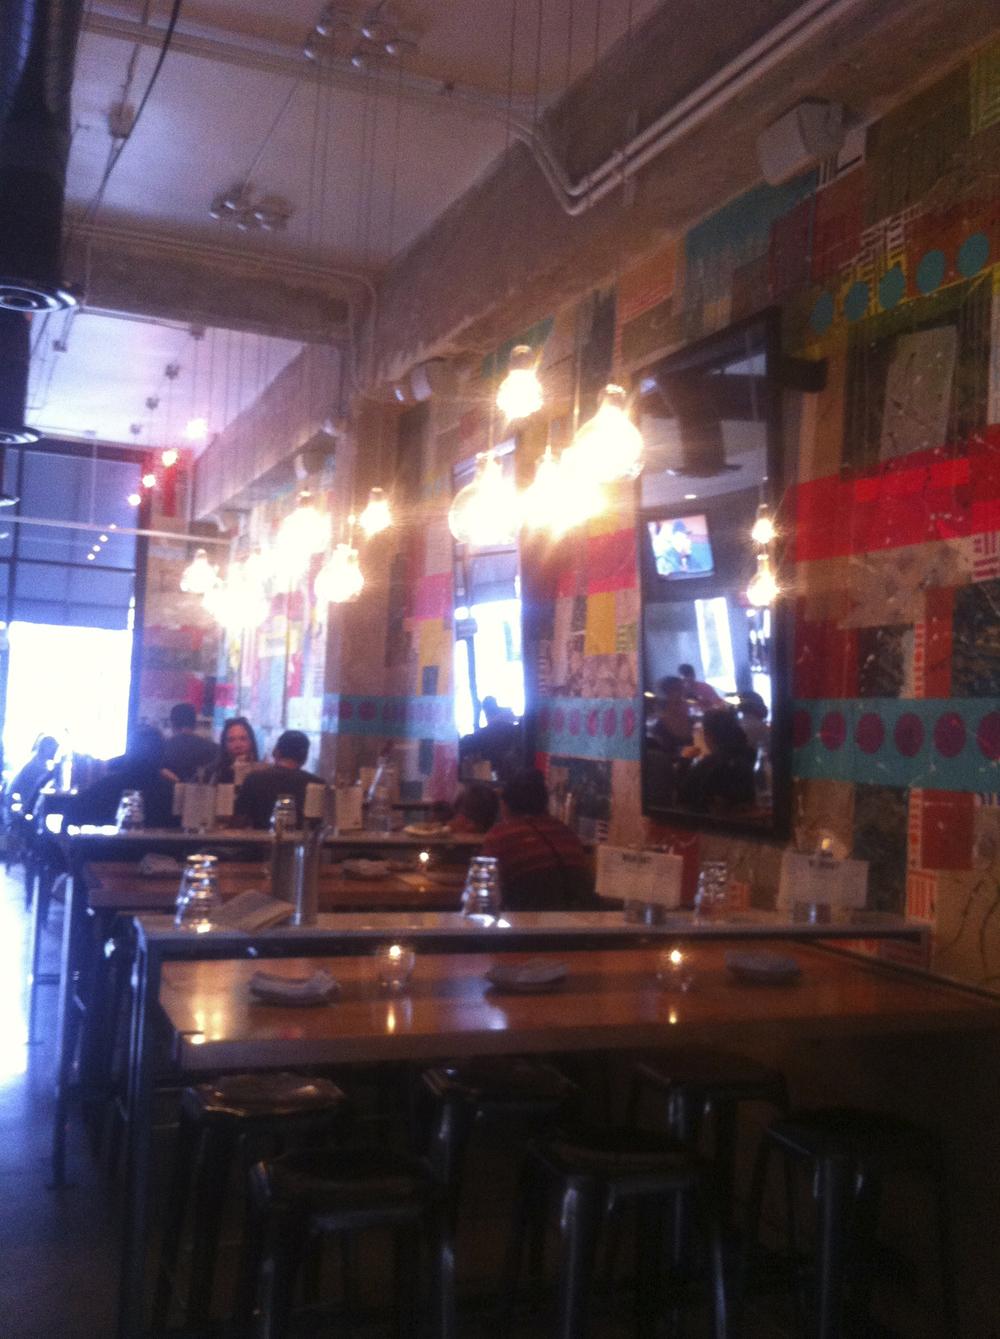 ccw - restaurant - interior wildfire.jpg